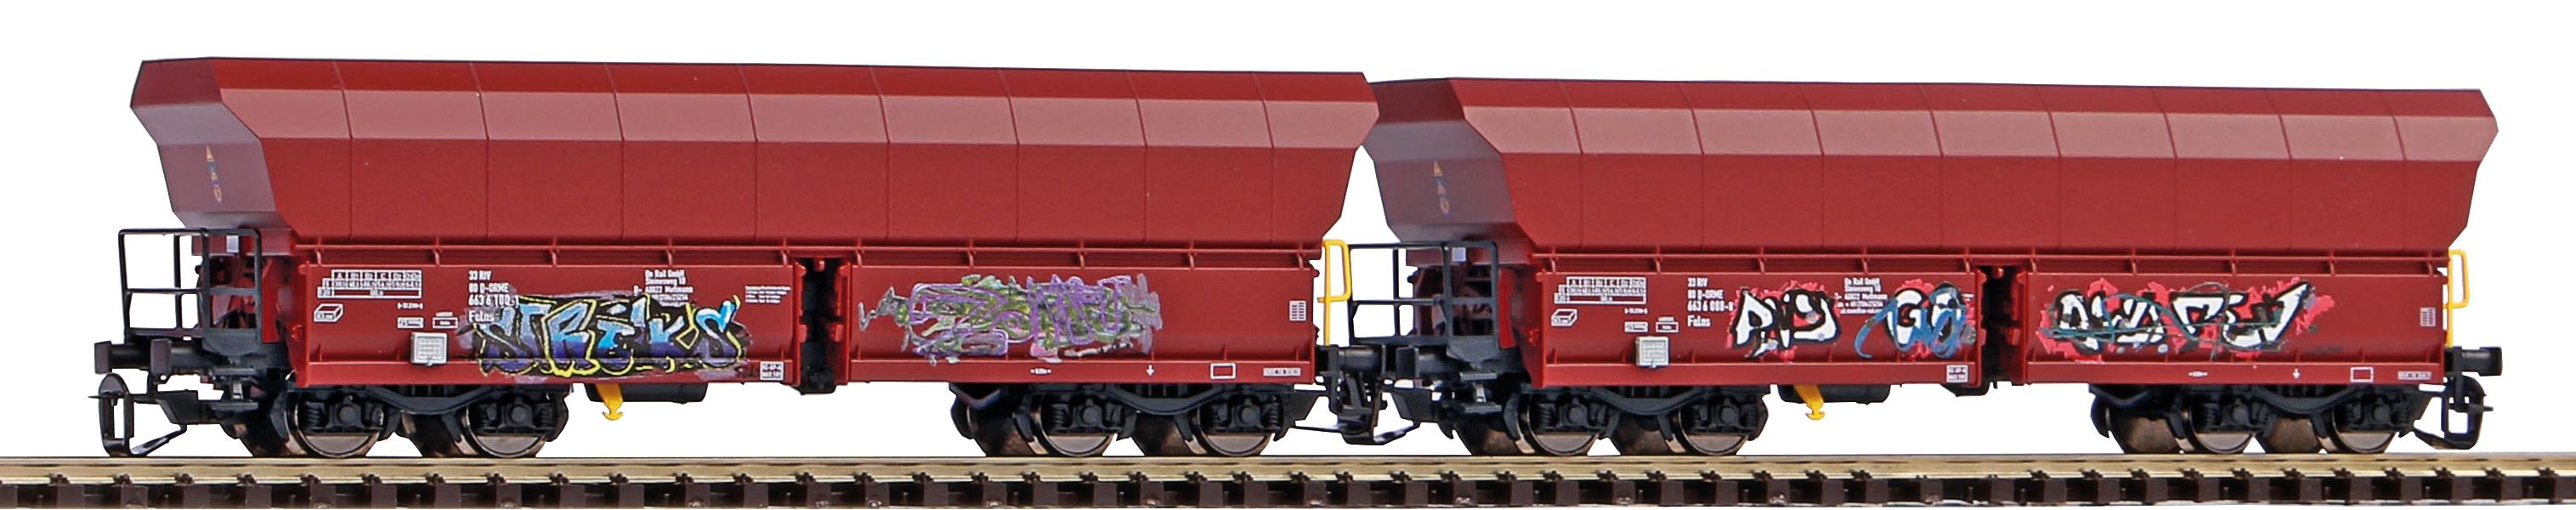 Piko Sada 2 Výsypných vagónů Falns OnRail VI s patinou a graffiti - 47746